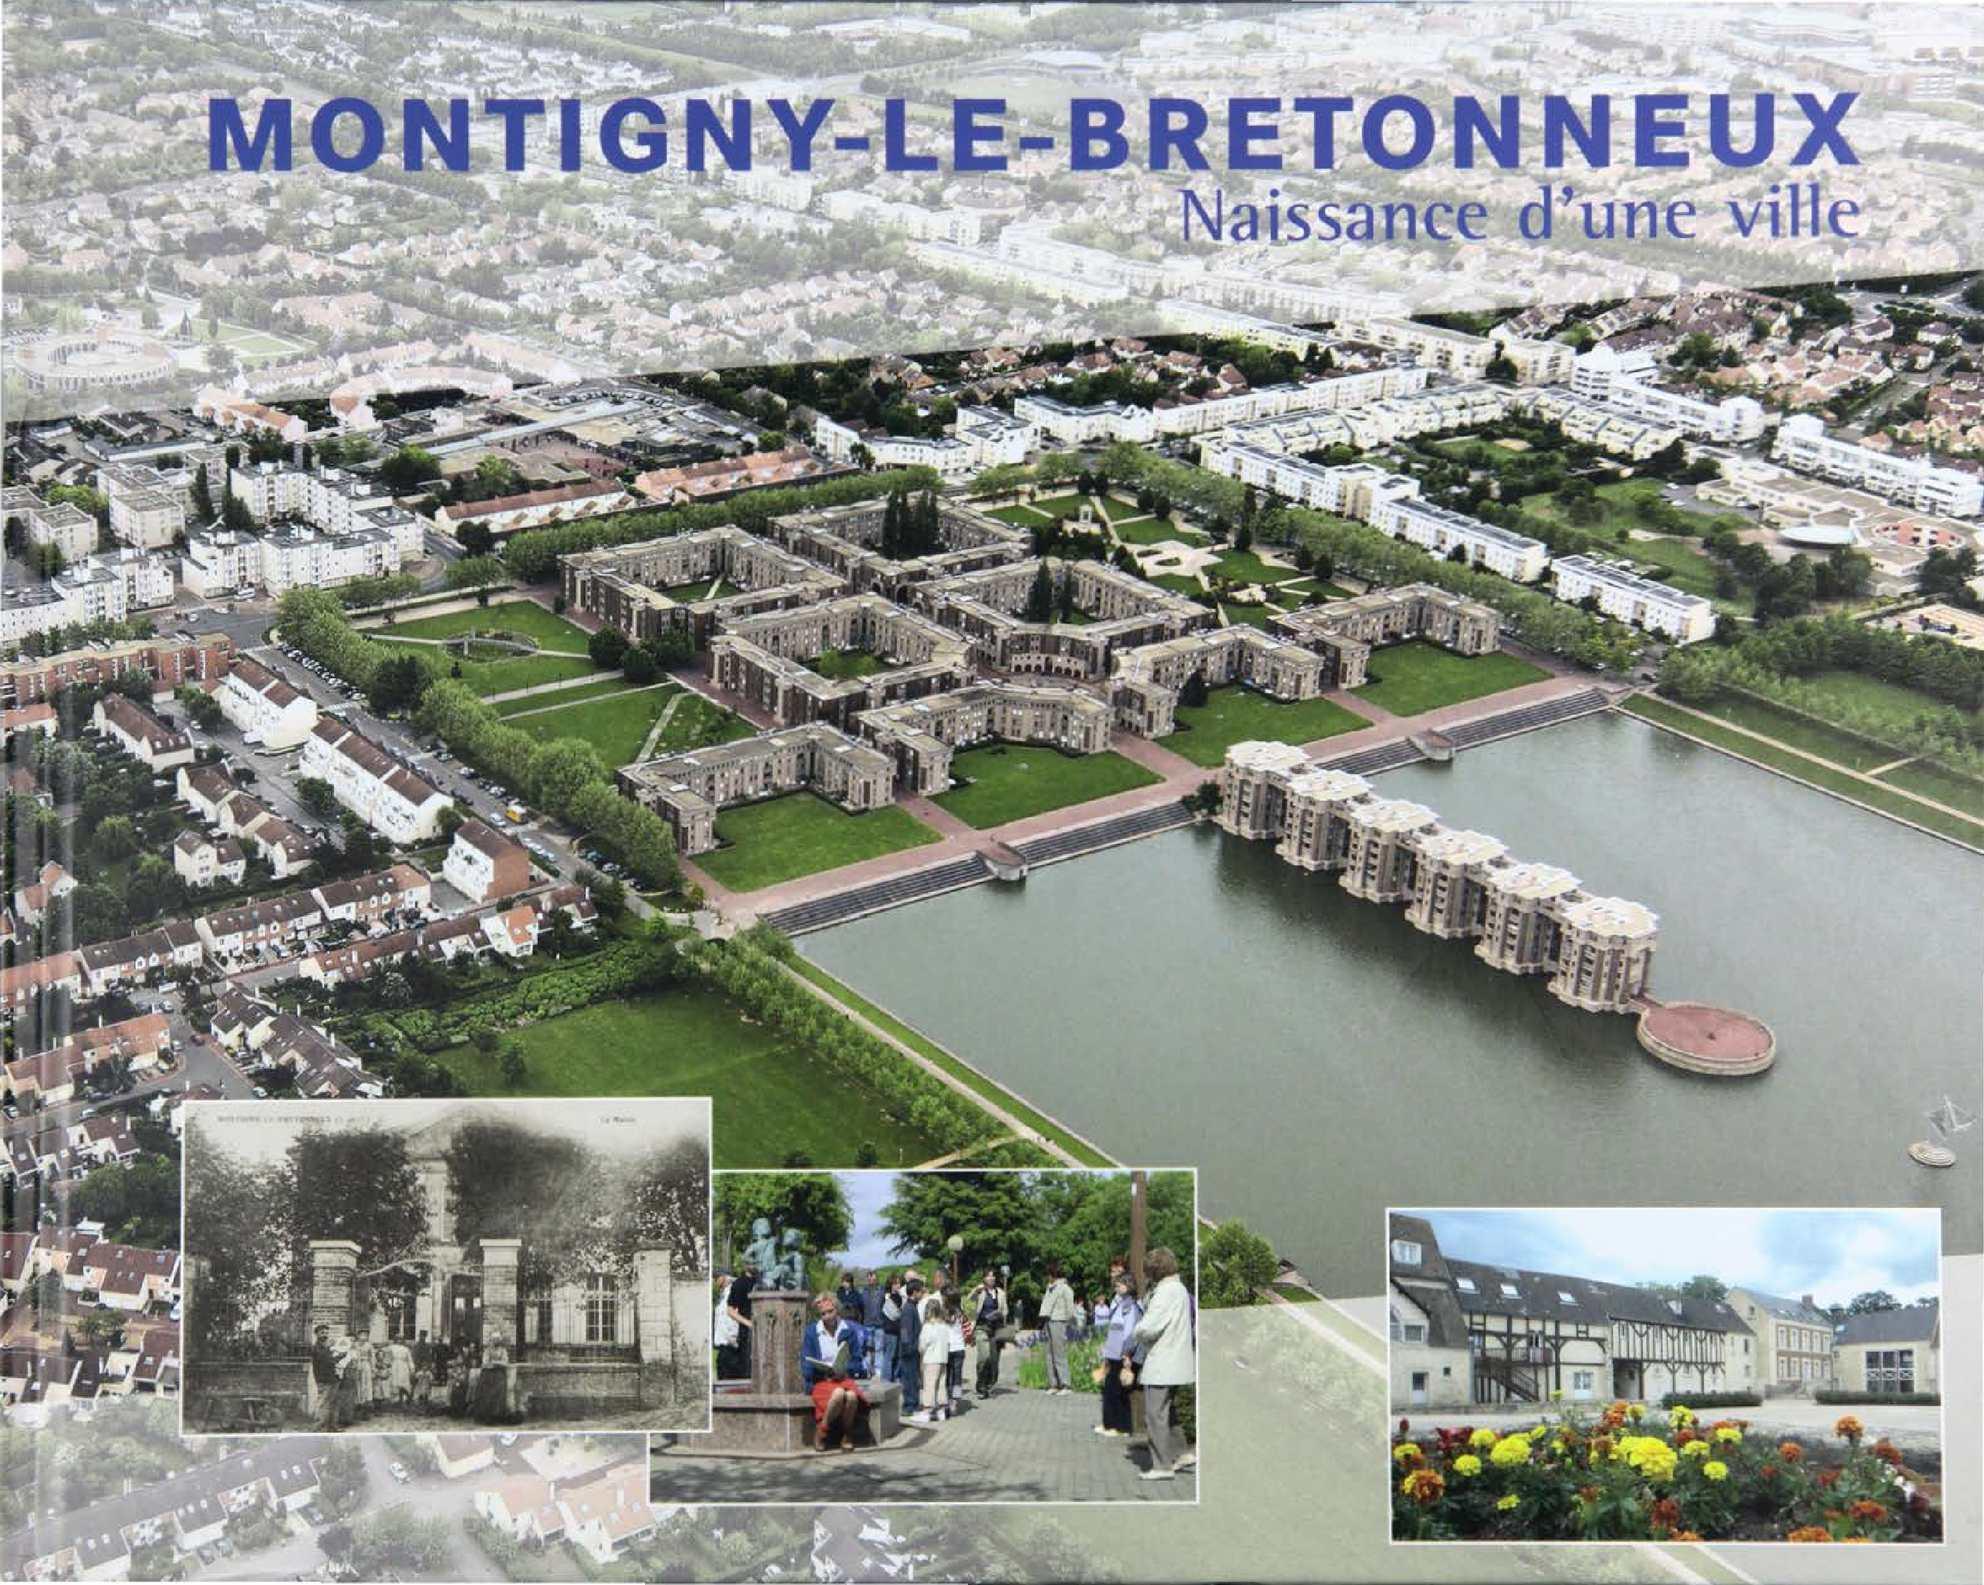 Calam o montigny le bretonneux naissance d 39 une ville for Villes des yvelines